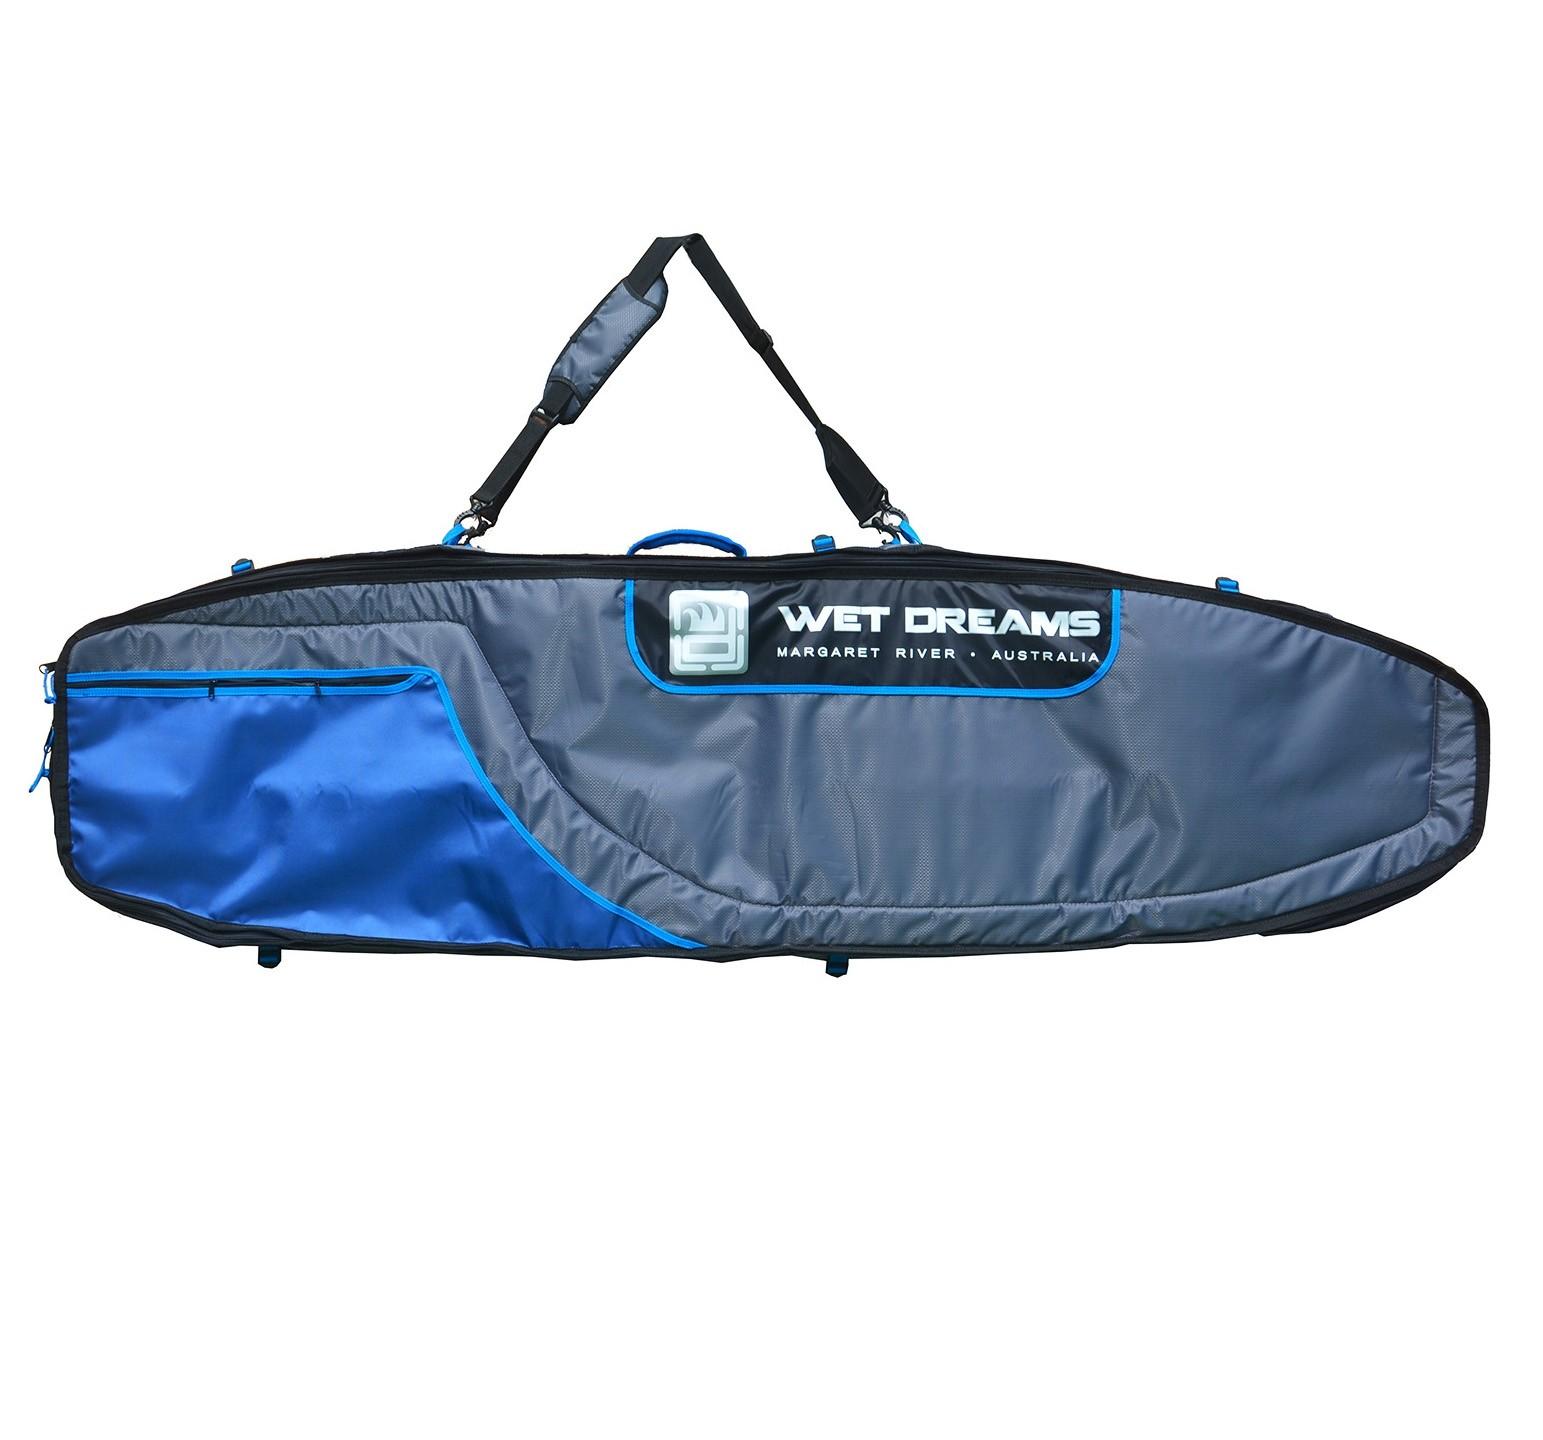 Sarcófago para 3 pranchas de Surf 7'0'' - 2,13m - Wet Dreams | Prancharia